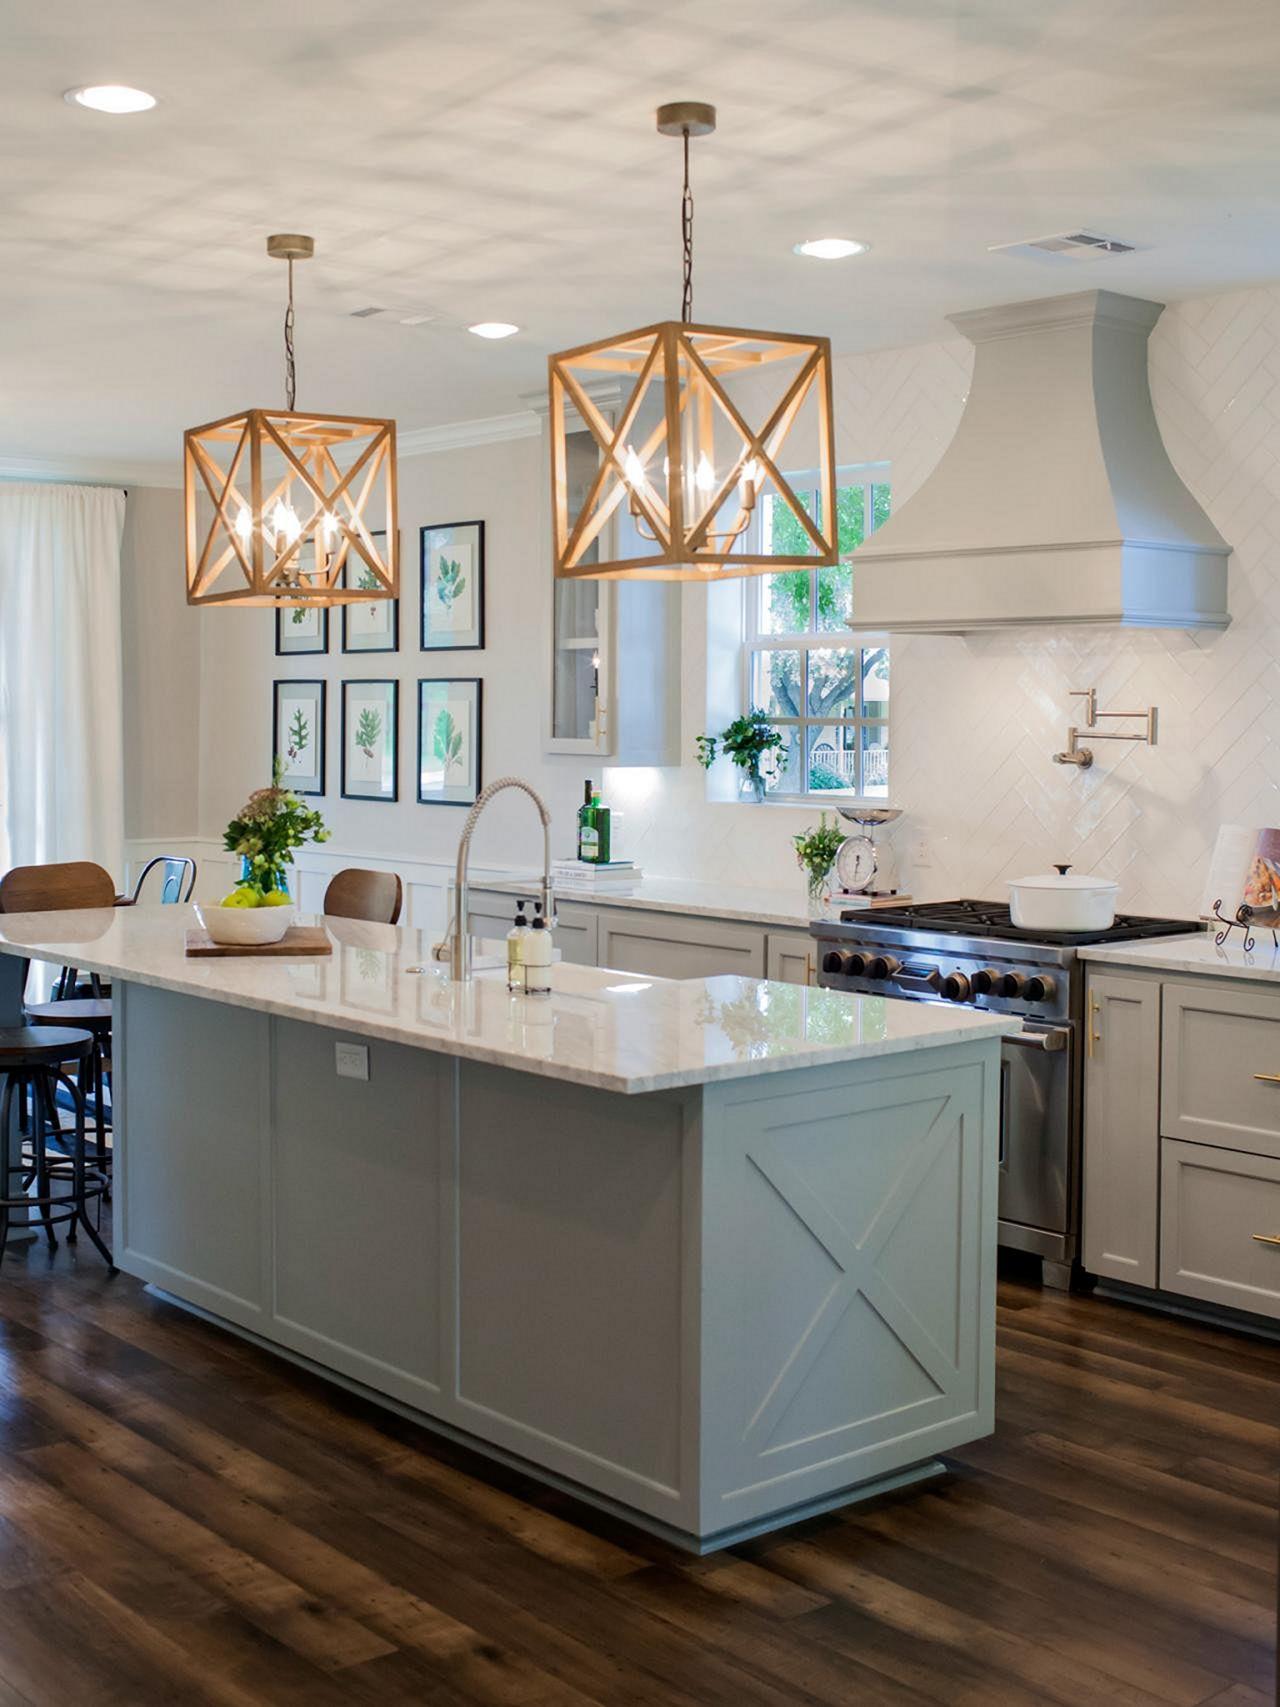 Best Traditional Kitchen Design Ideas 12